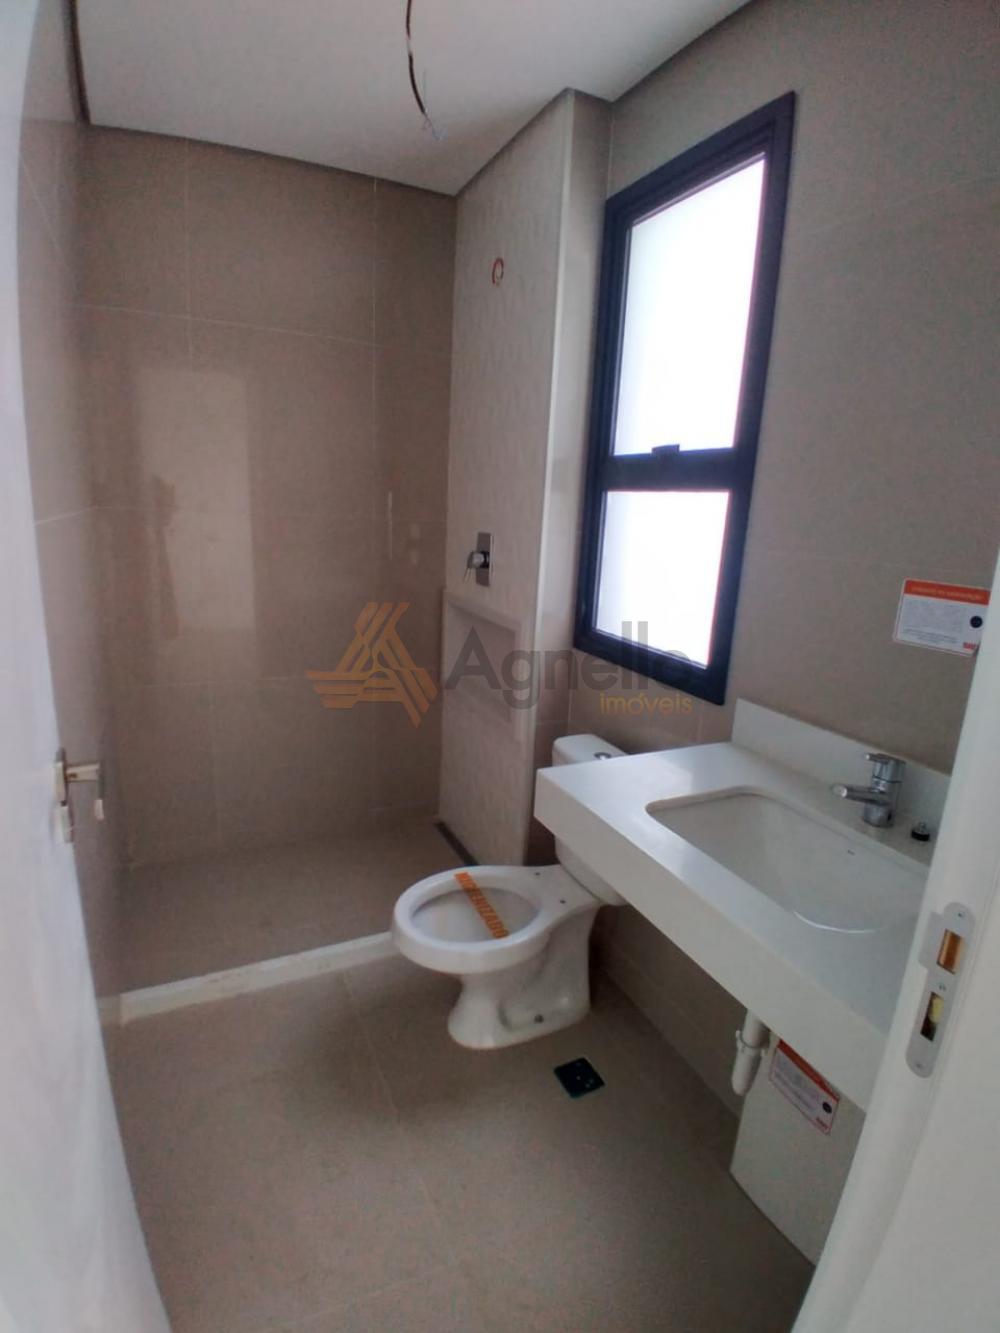 Comprar Apartamento / Padrão em Franca apenas R$ 850.000,00 - Foto 8